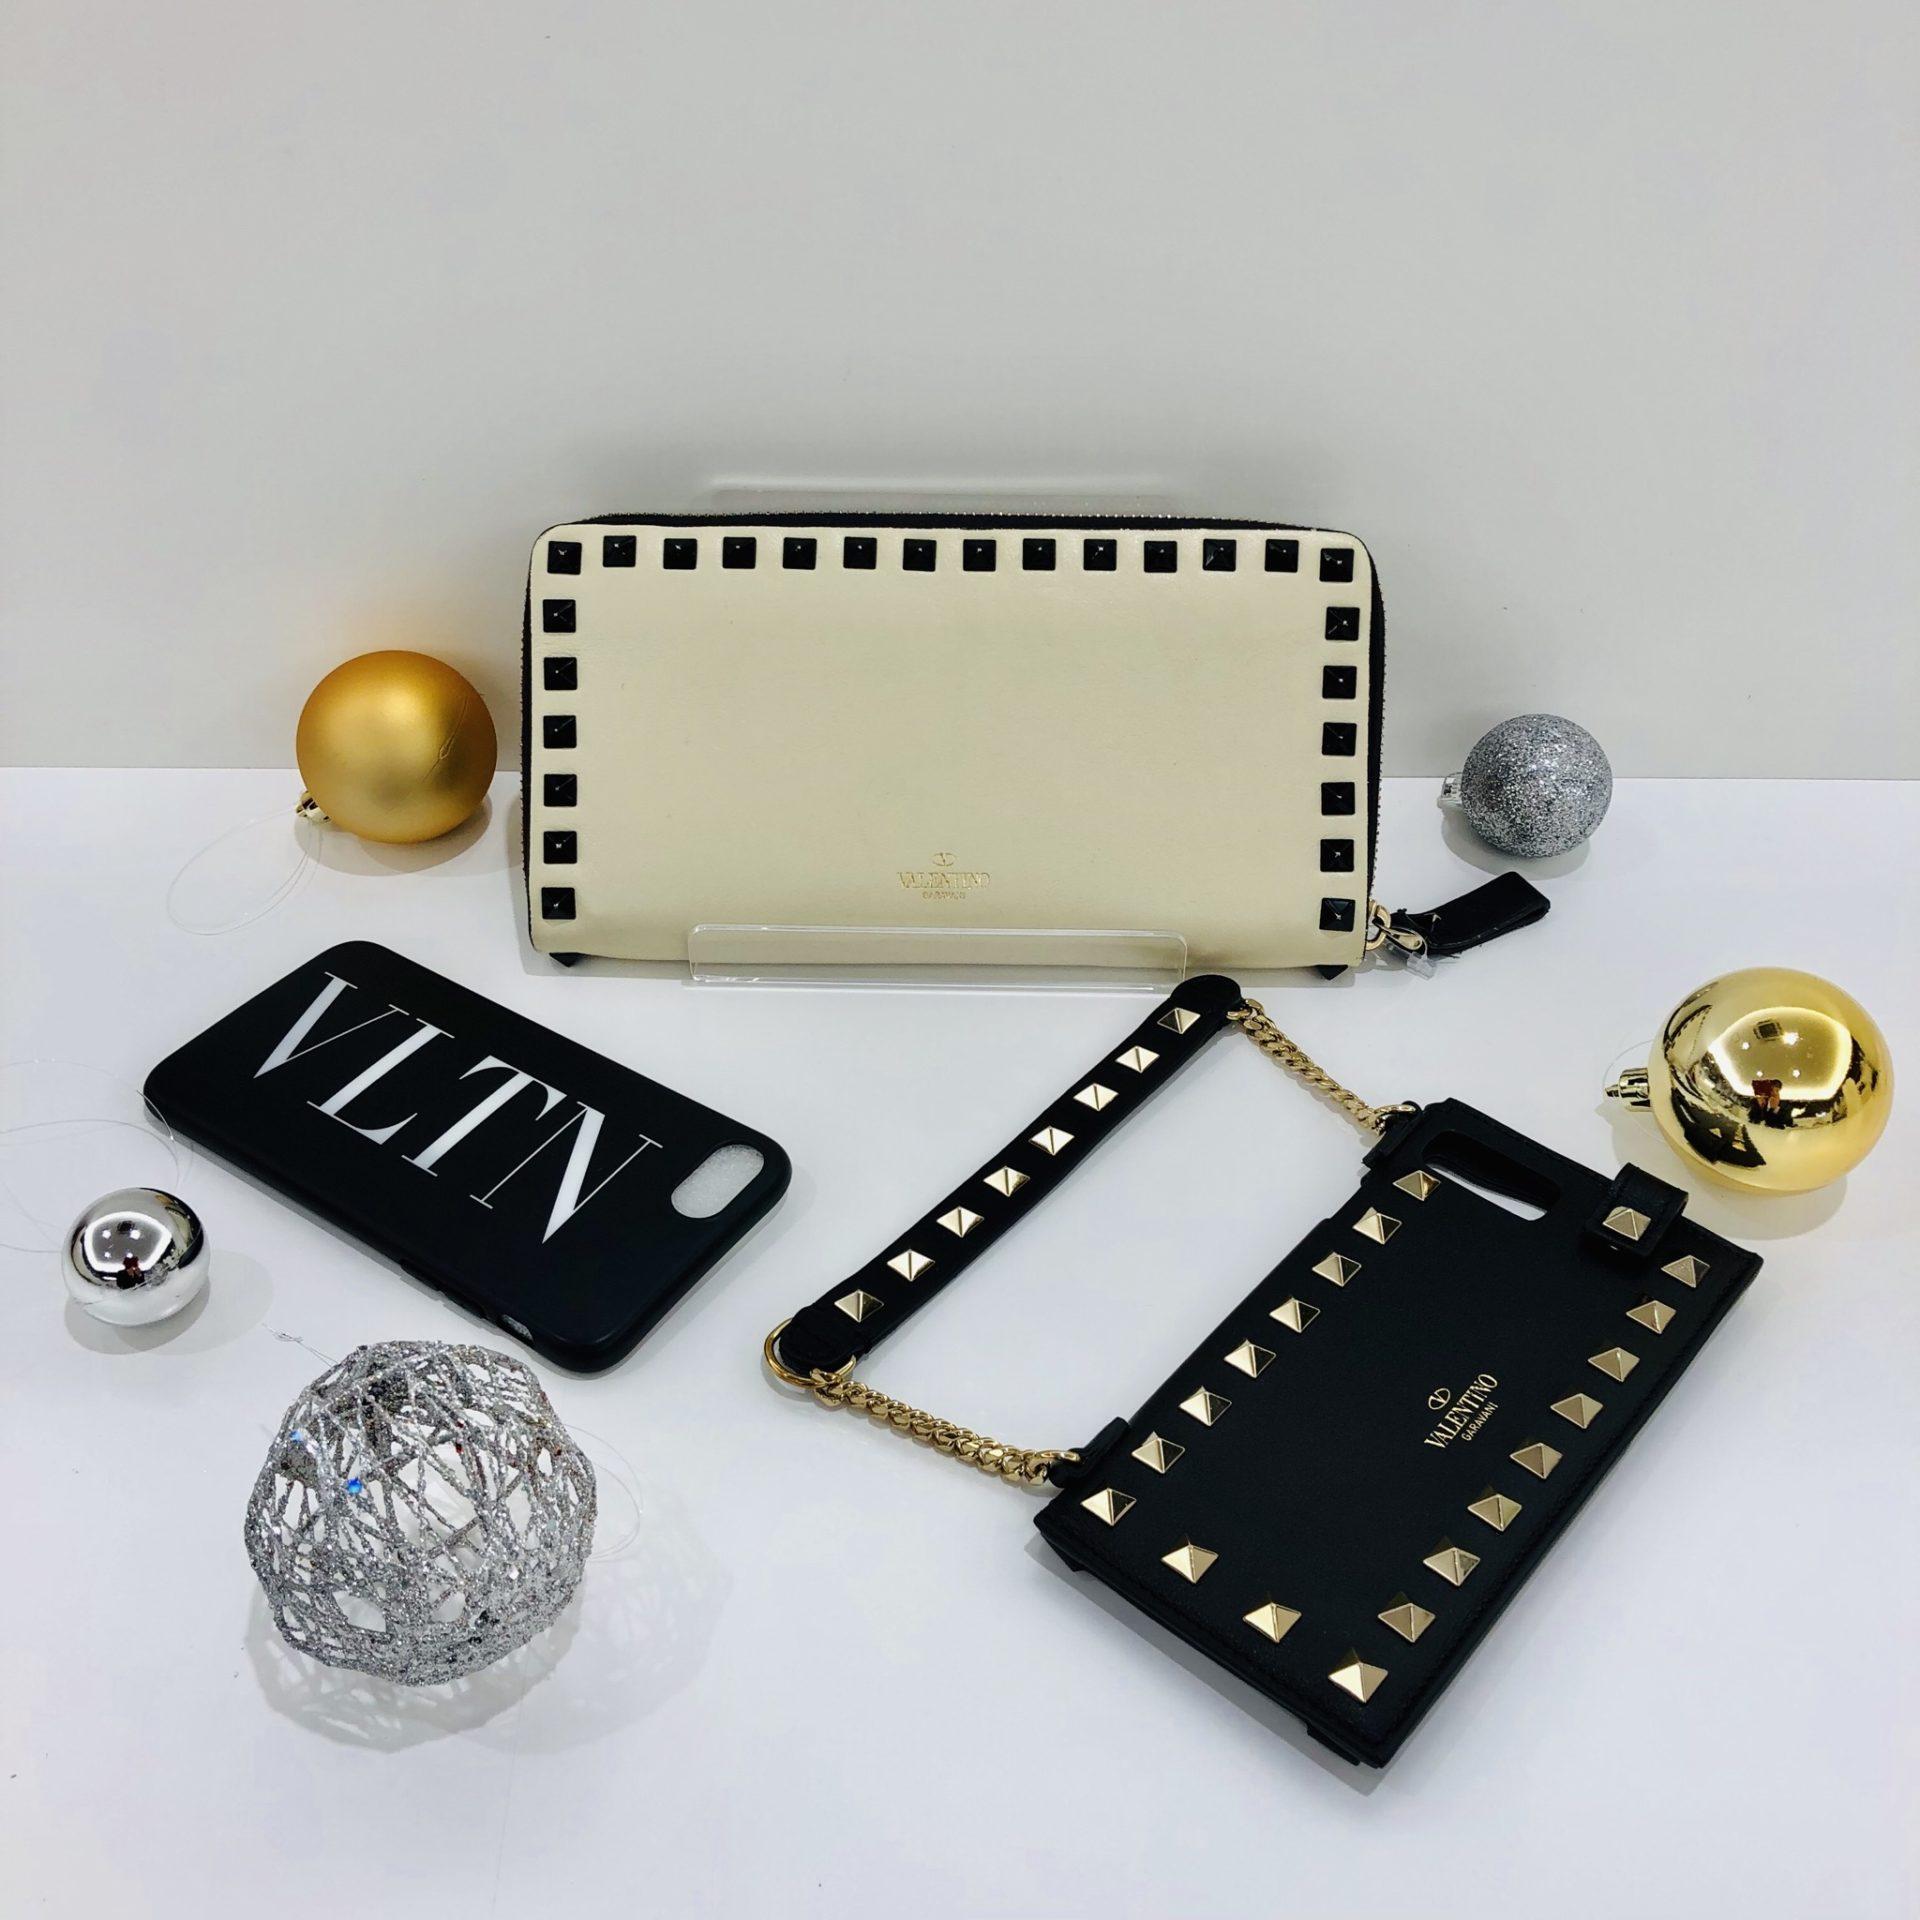 【盛岡 ヴァレンチノ 販売】 iPhoneケース ラウンドファスナー財布